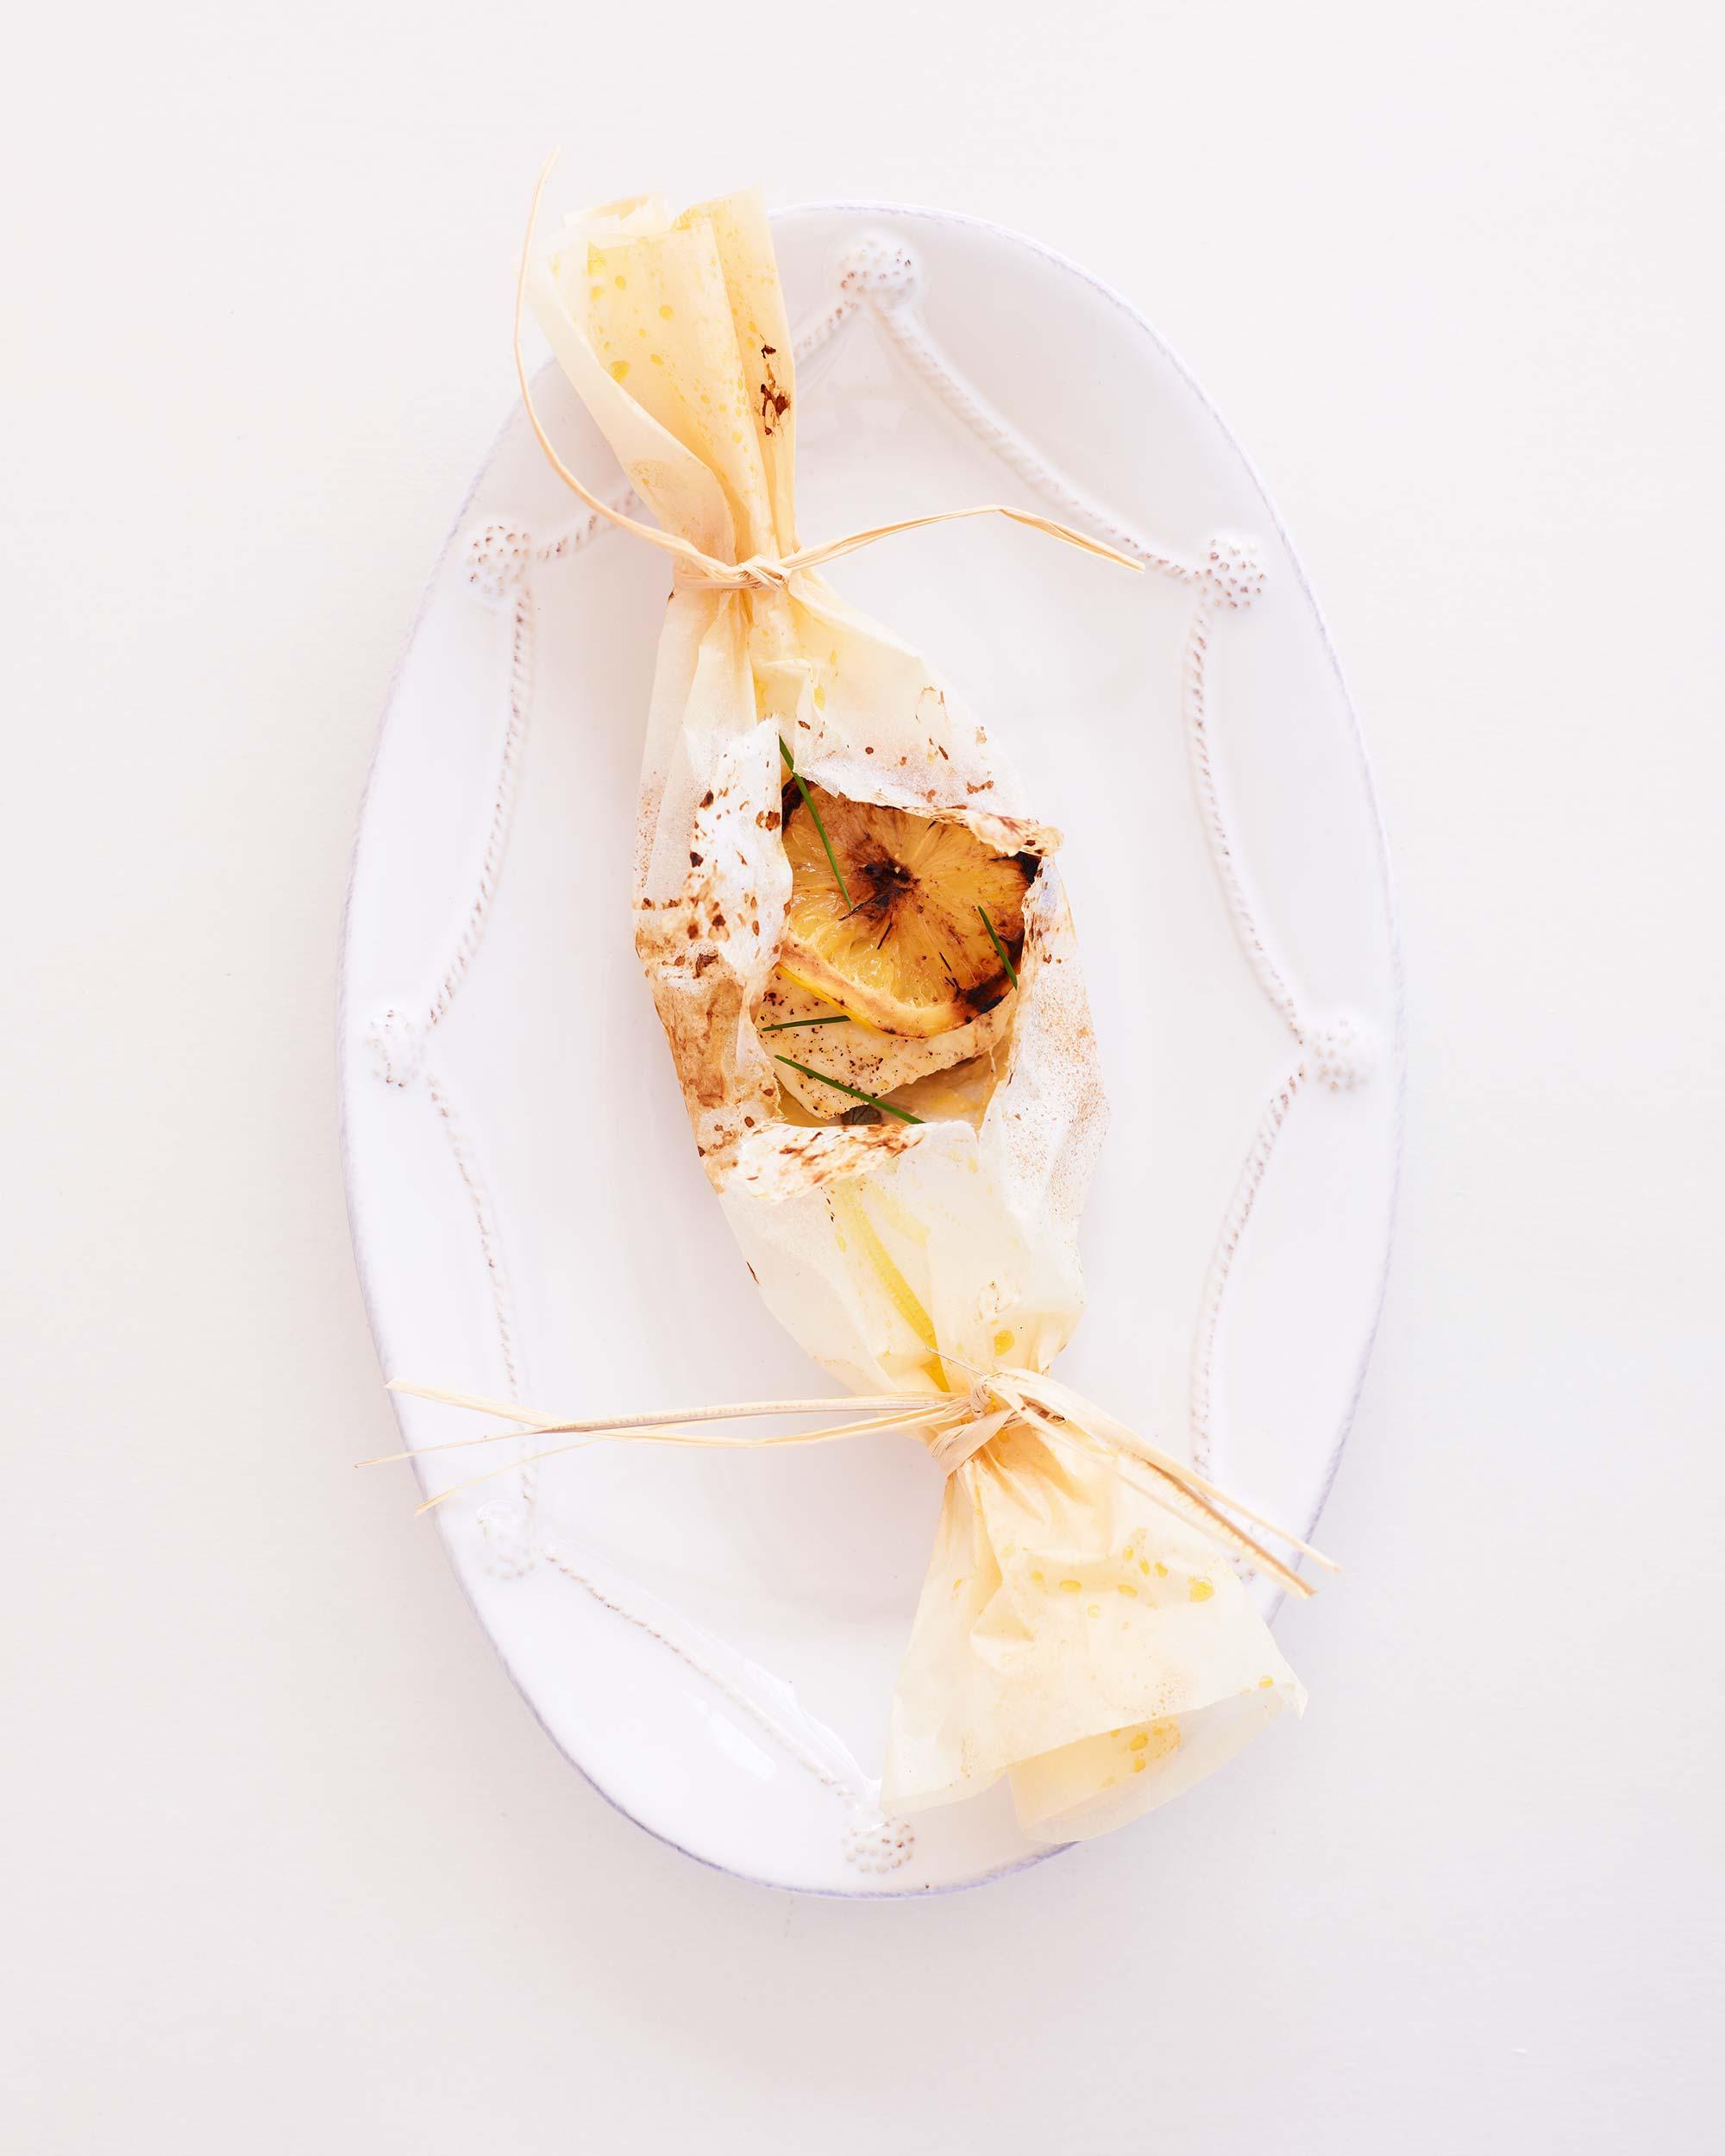 Seafood-Plate-2-Seashell_0013.jpg